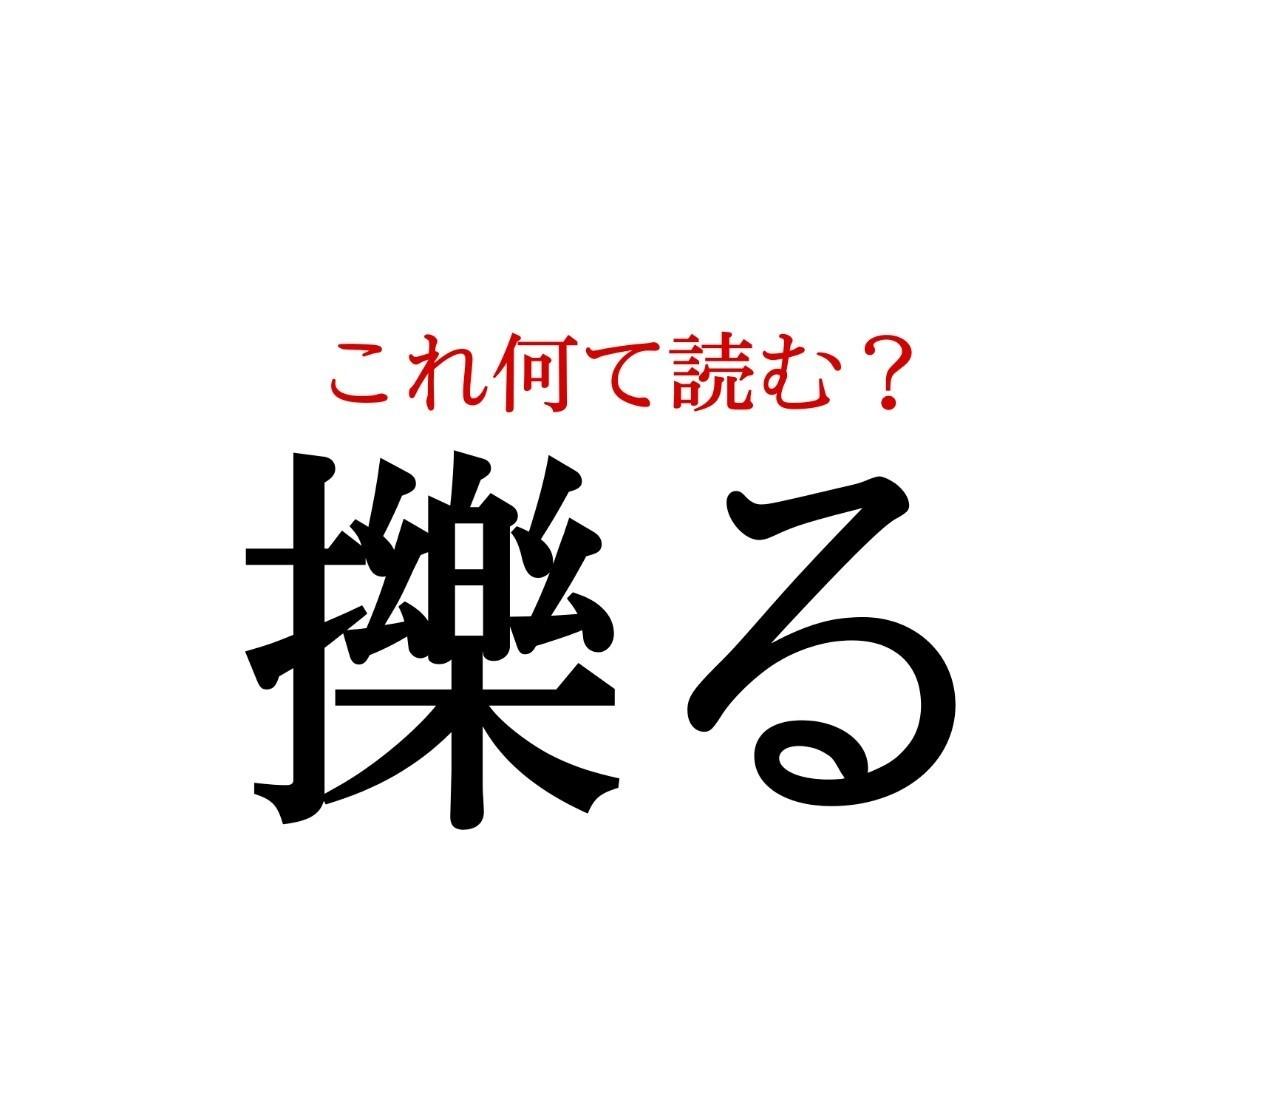 「擽る」:この漢字、自信を持って読めますか?【働く大人の漢字クイズvol.284】